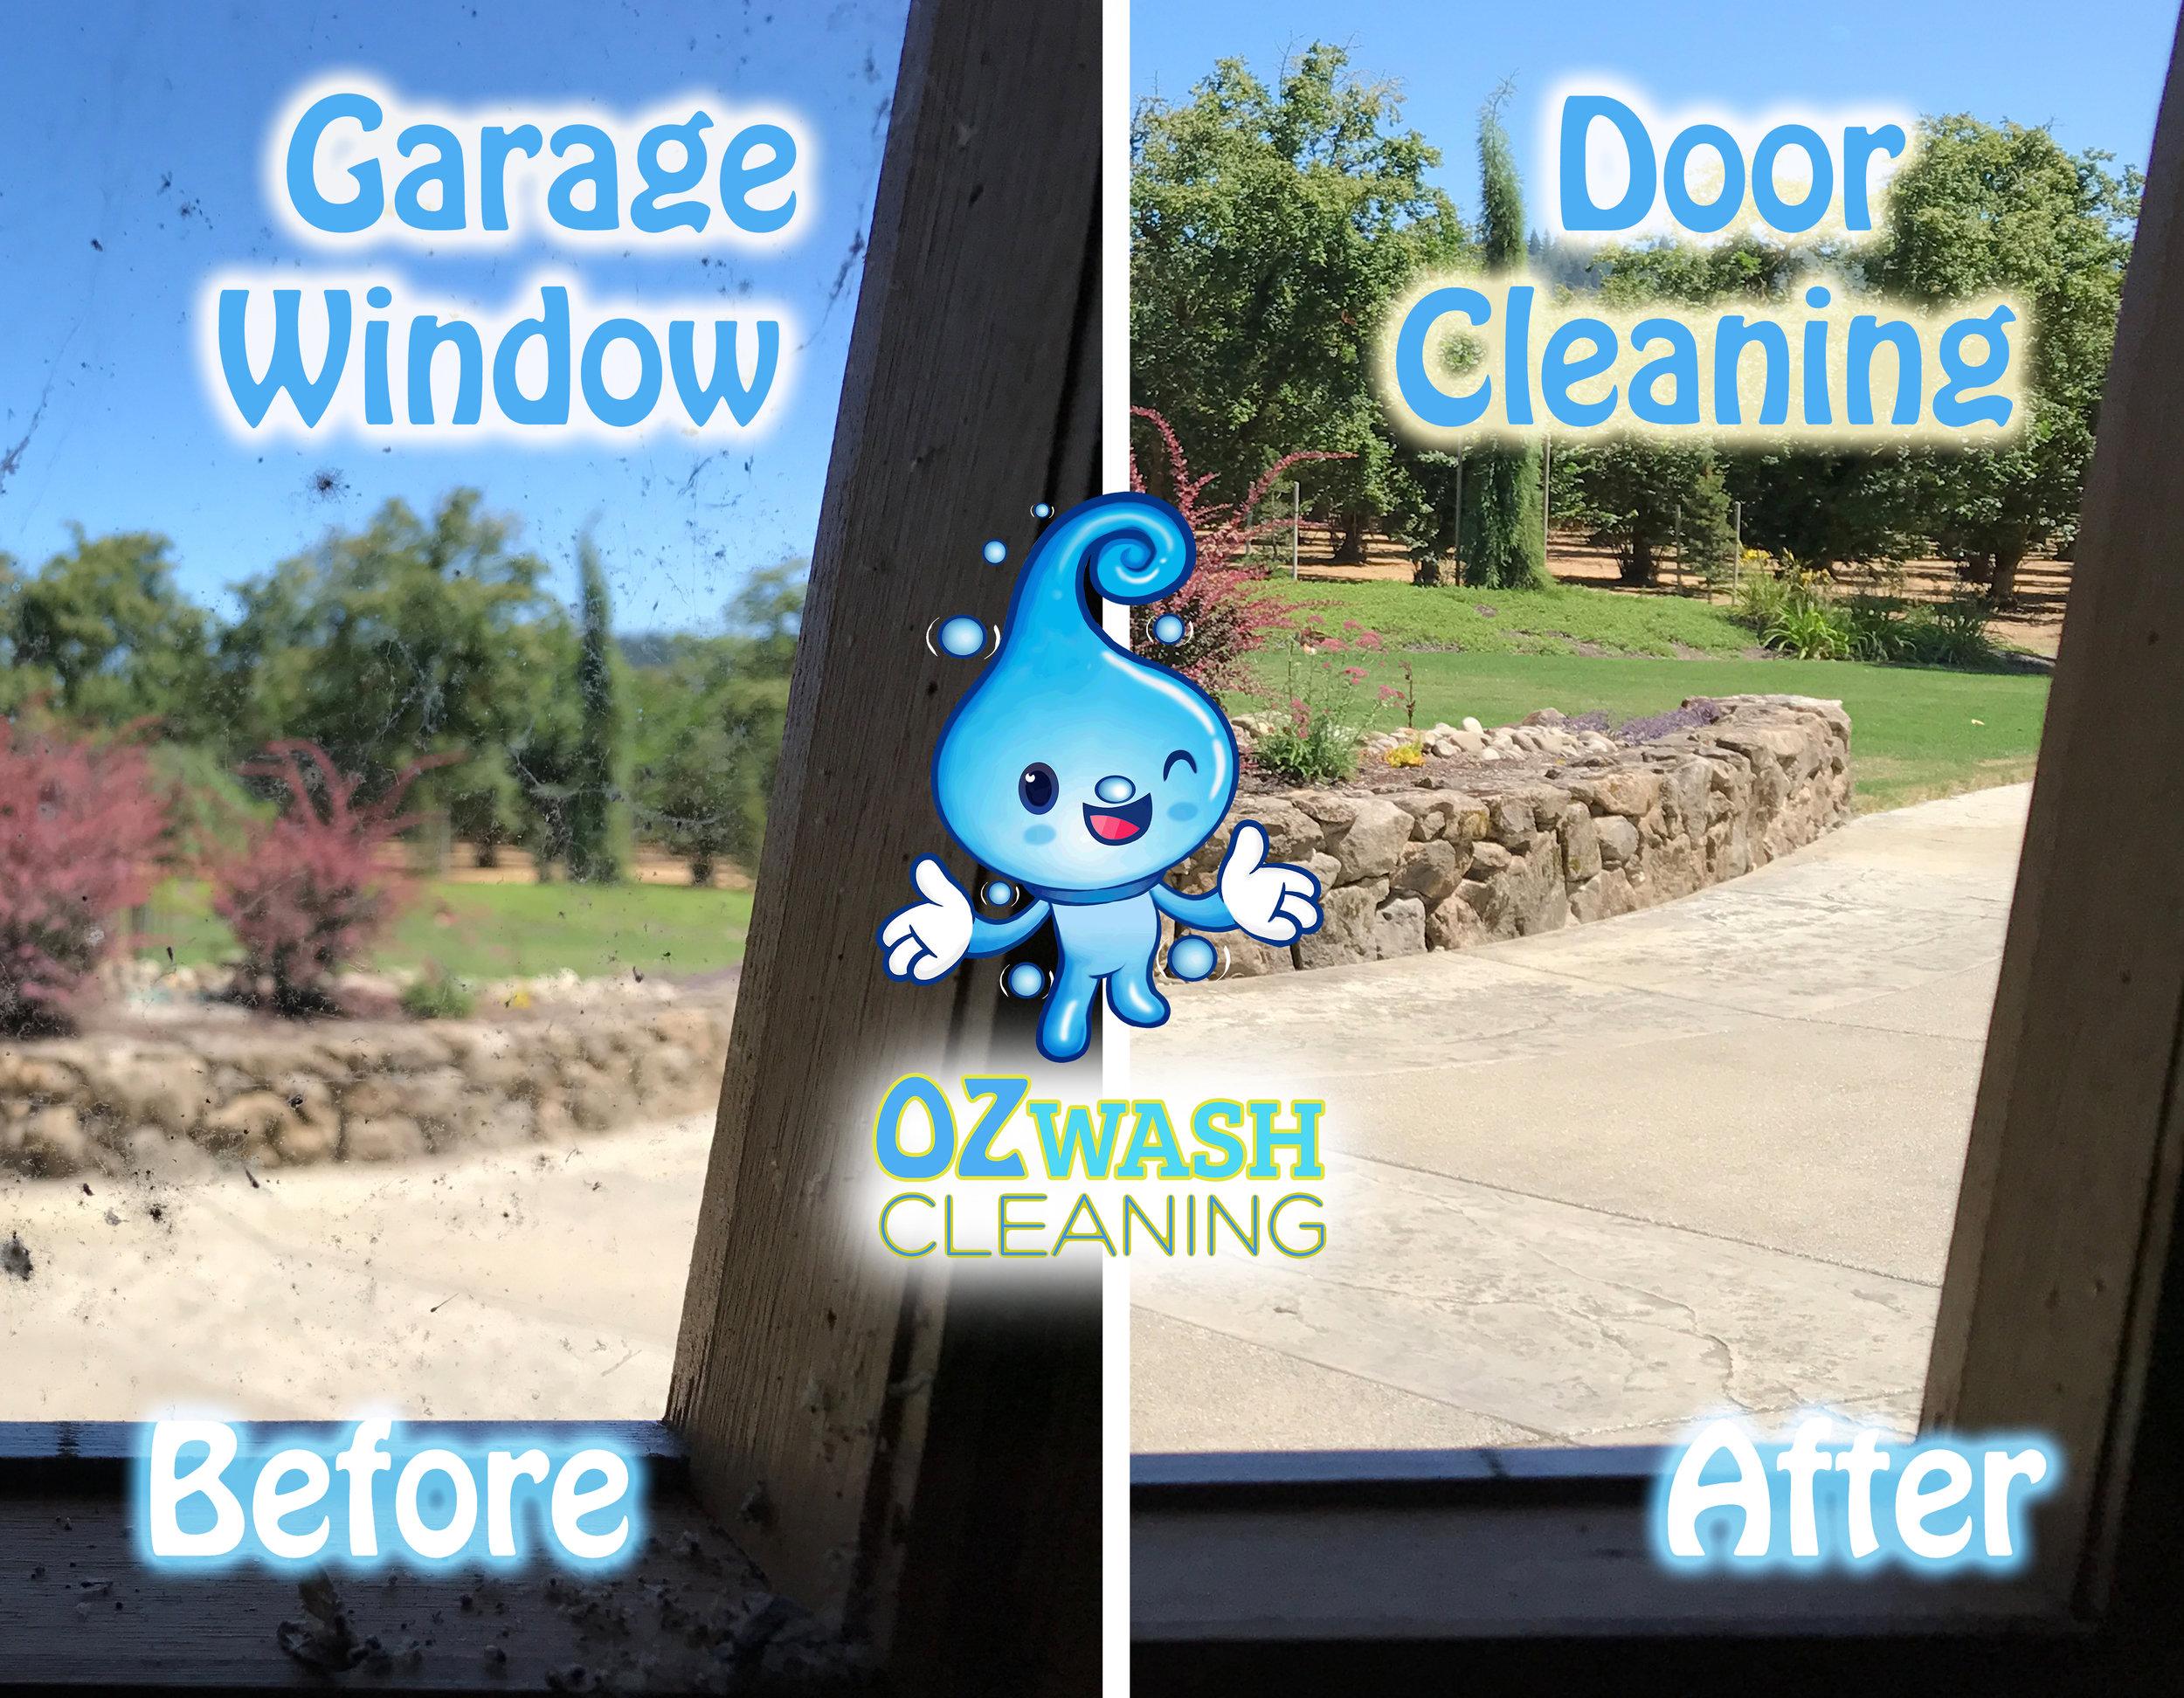 Garage Window door Cleaning3.jpg